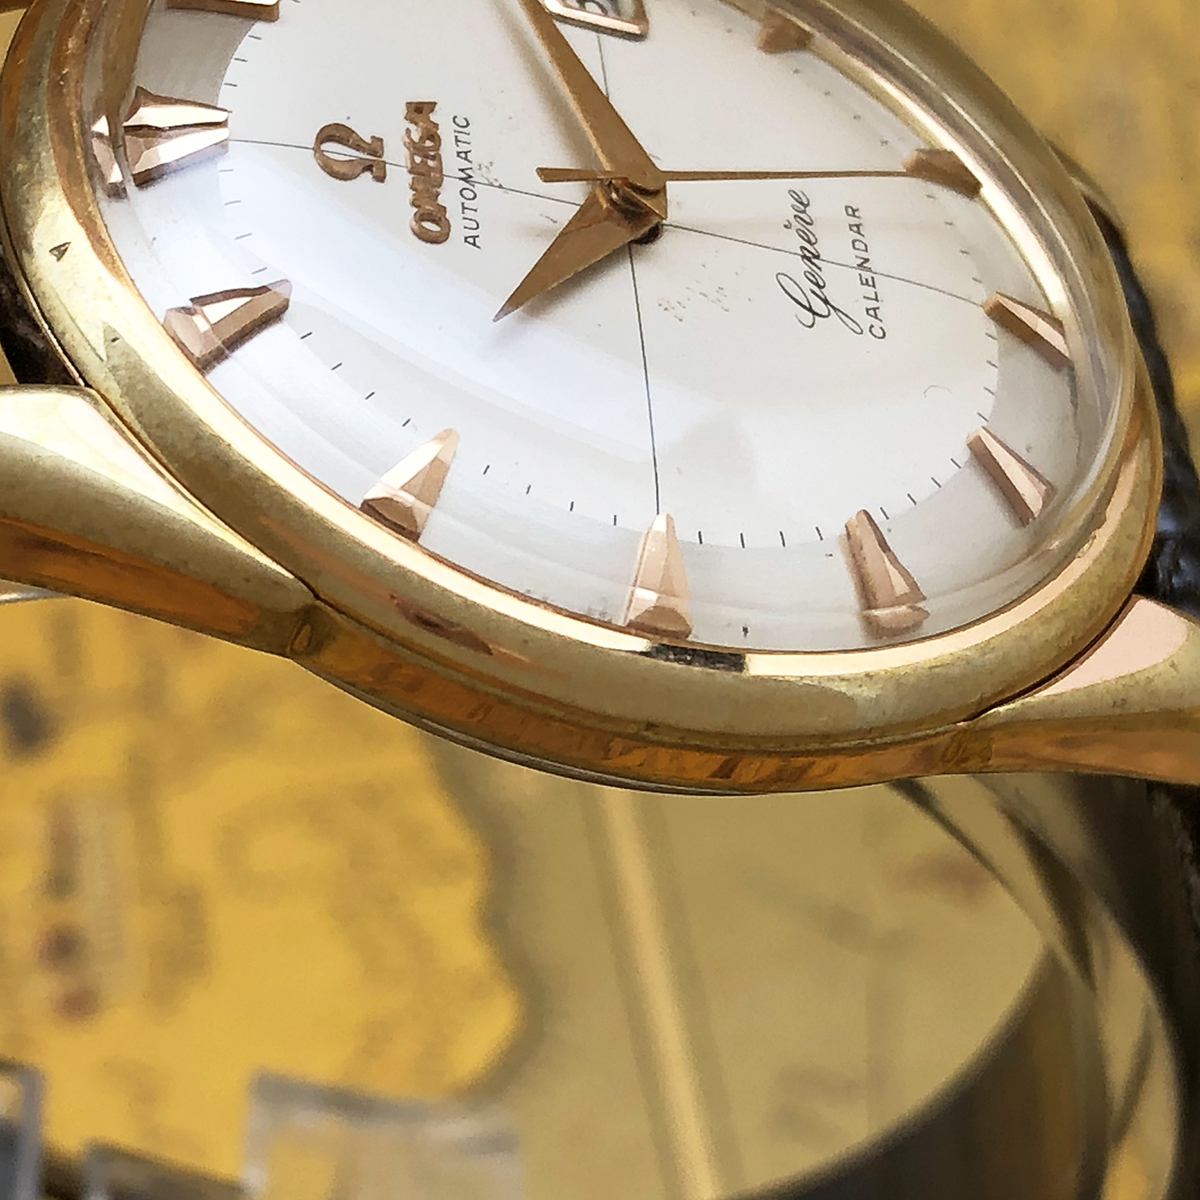 ★美品!! OMEGA オメガ 1950s アンティーク cal.503 メンズ 腕時計 パイパン GP ゴールド 金 カレンダー 12角 自動巻 ビンテージ 高級_画像6